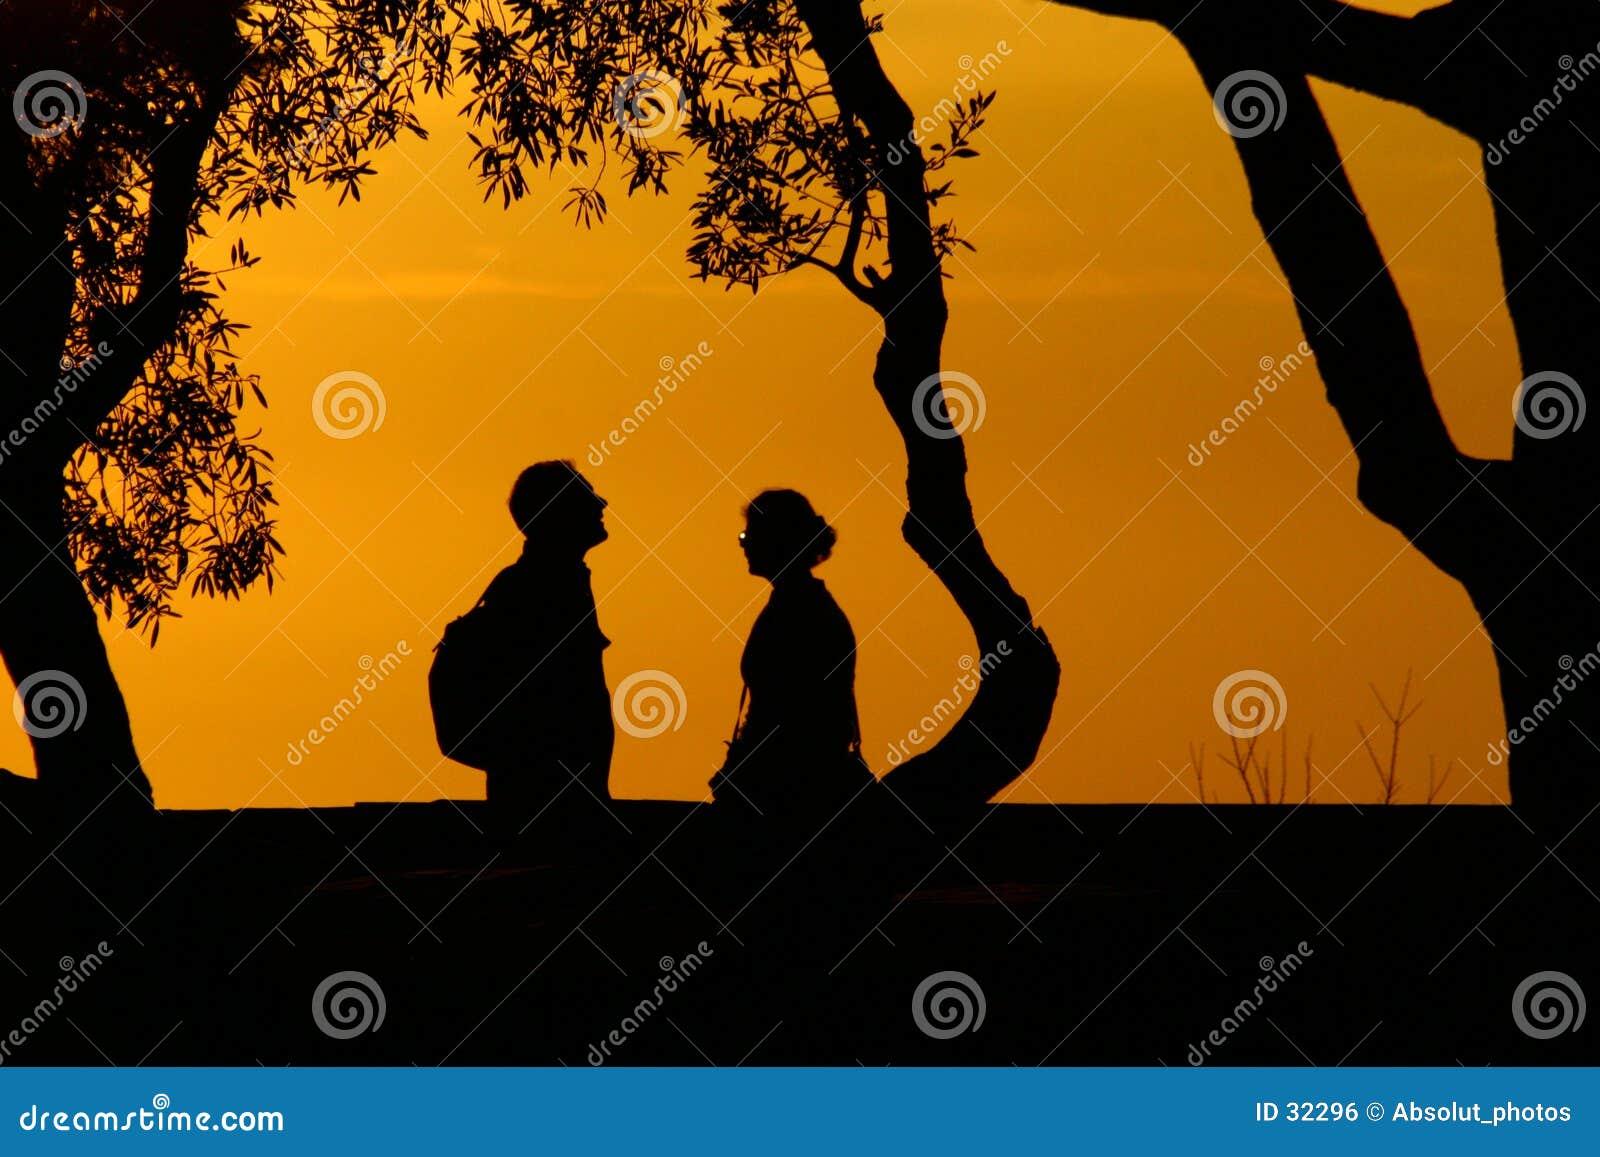 Twee silhouetten